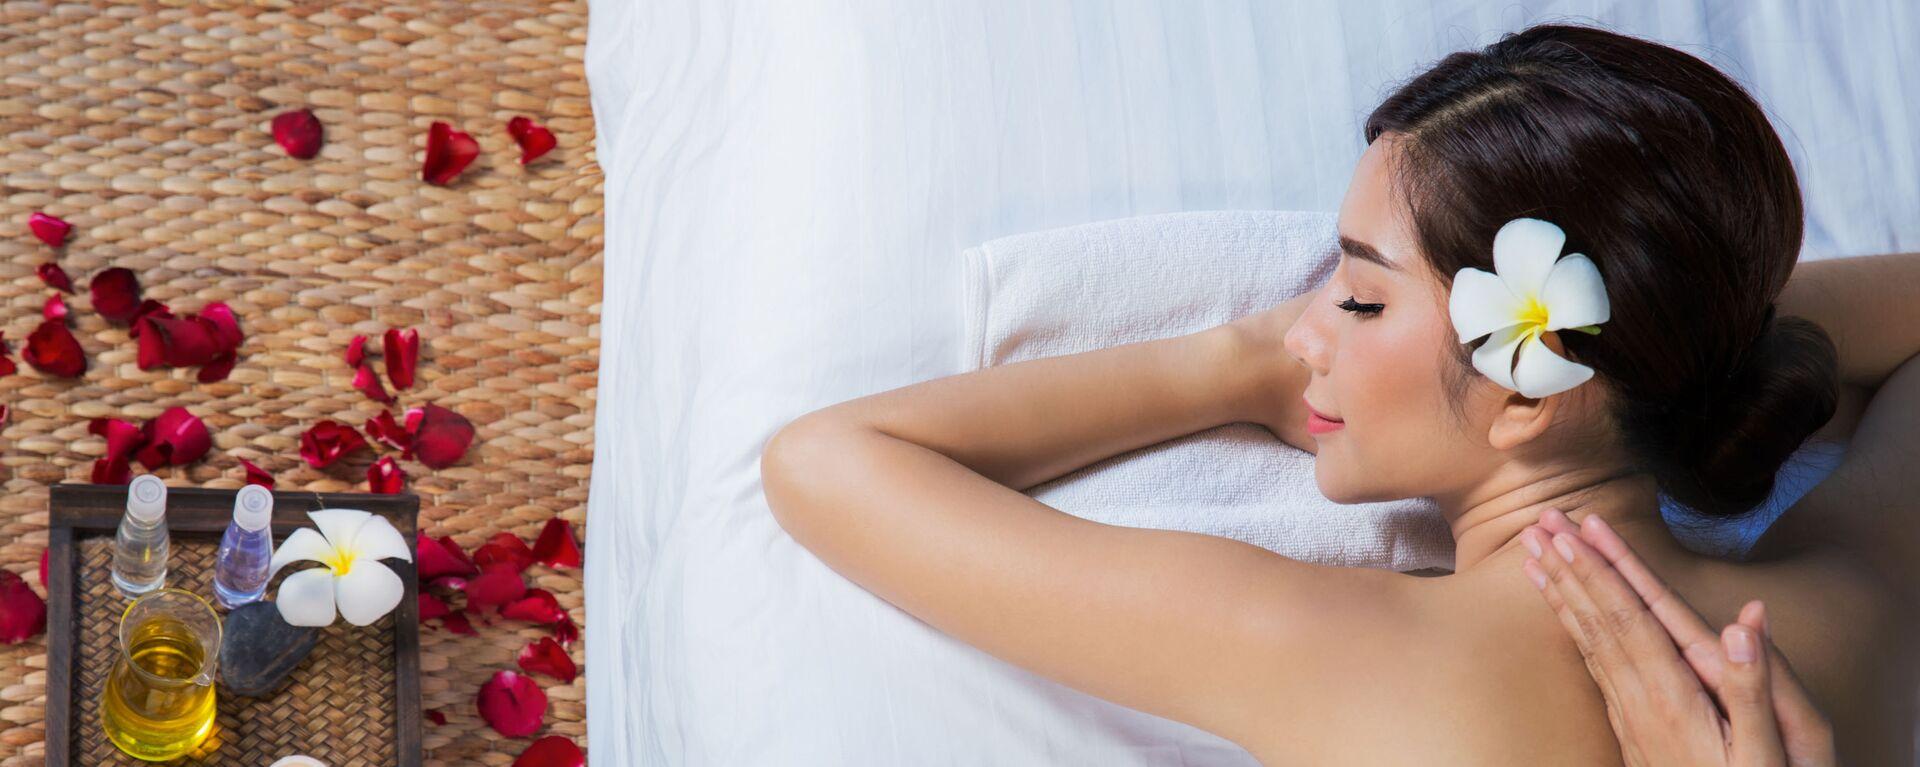 Dívka relaxuje ve spa salonu - Sputnik Česká republika, 1920, 30.04.2021